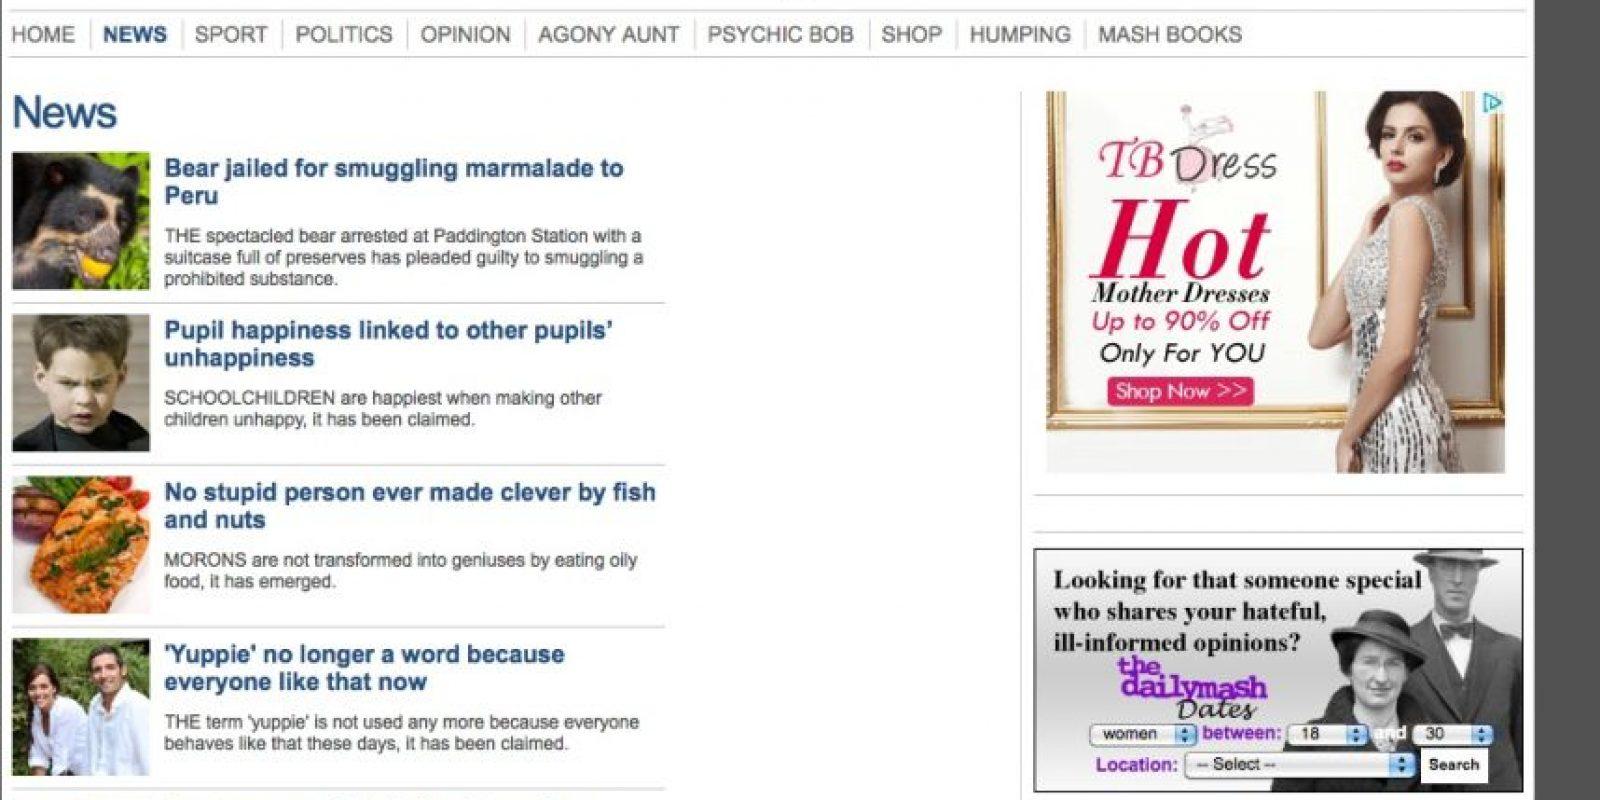 The Daily Mash: Se trata de un sitio web creado por dos periodistas de importantes diarios de Reino Unido en 2007. También trata temas variados temas de actualidad, opinión, deportes. Vale la pena consultar la sección de astrología, donde el psíquico Bob da útiles consejos según su signo zodiacal. Foto: Captura